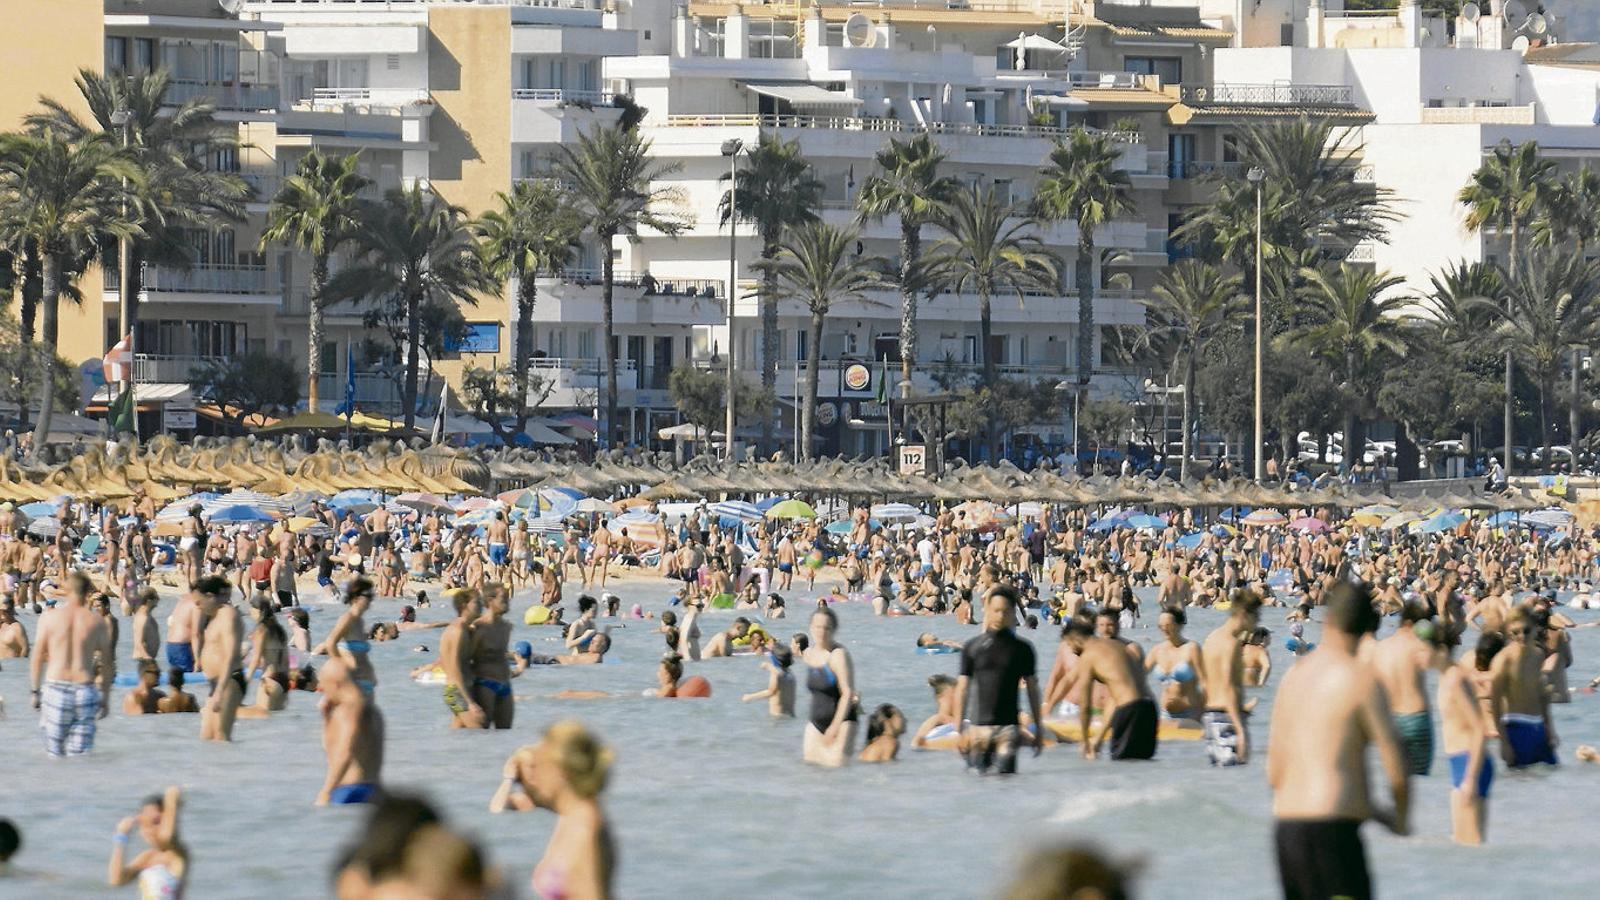 El turisme s'ha vist greument afectat a les Balears per la crisi del coronavirus